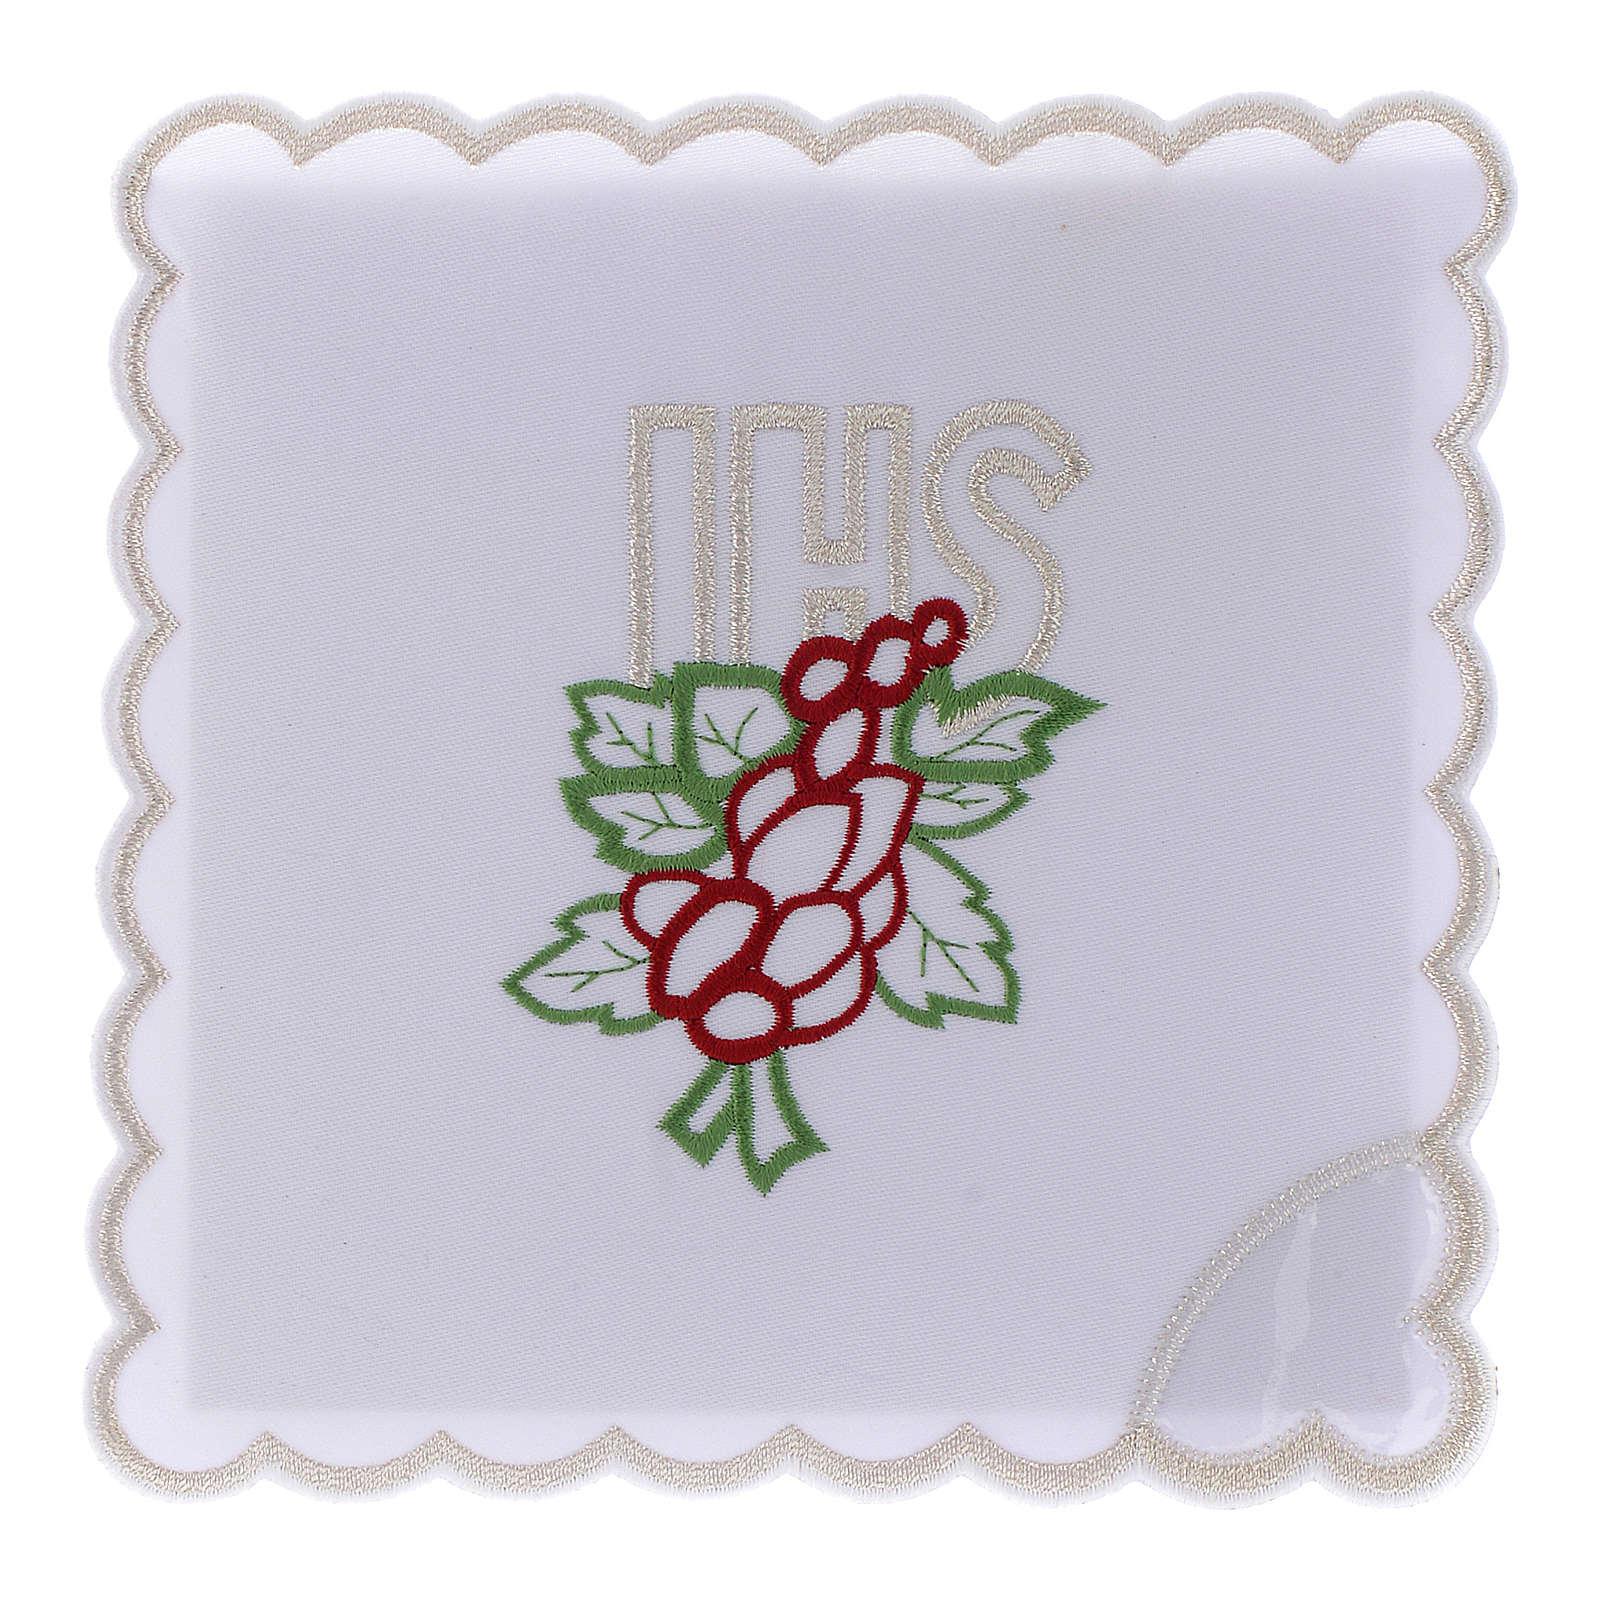 Servicio de altar algodón bordado uva hojas JHS 4